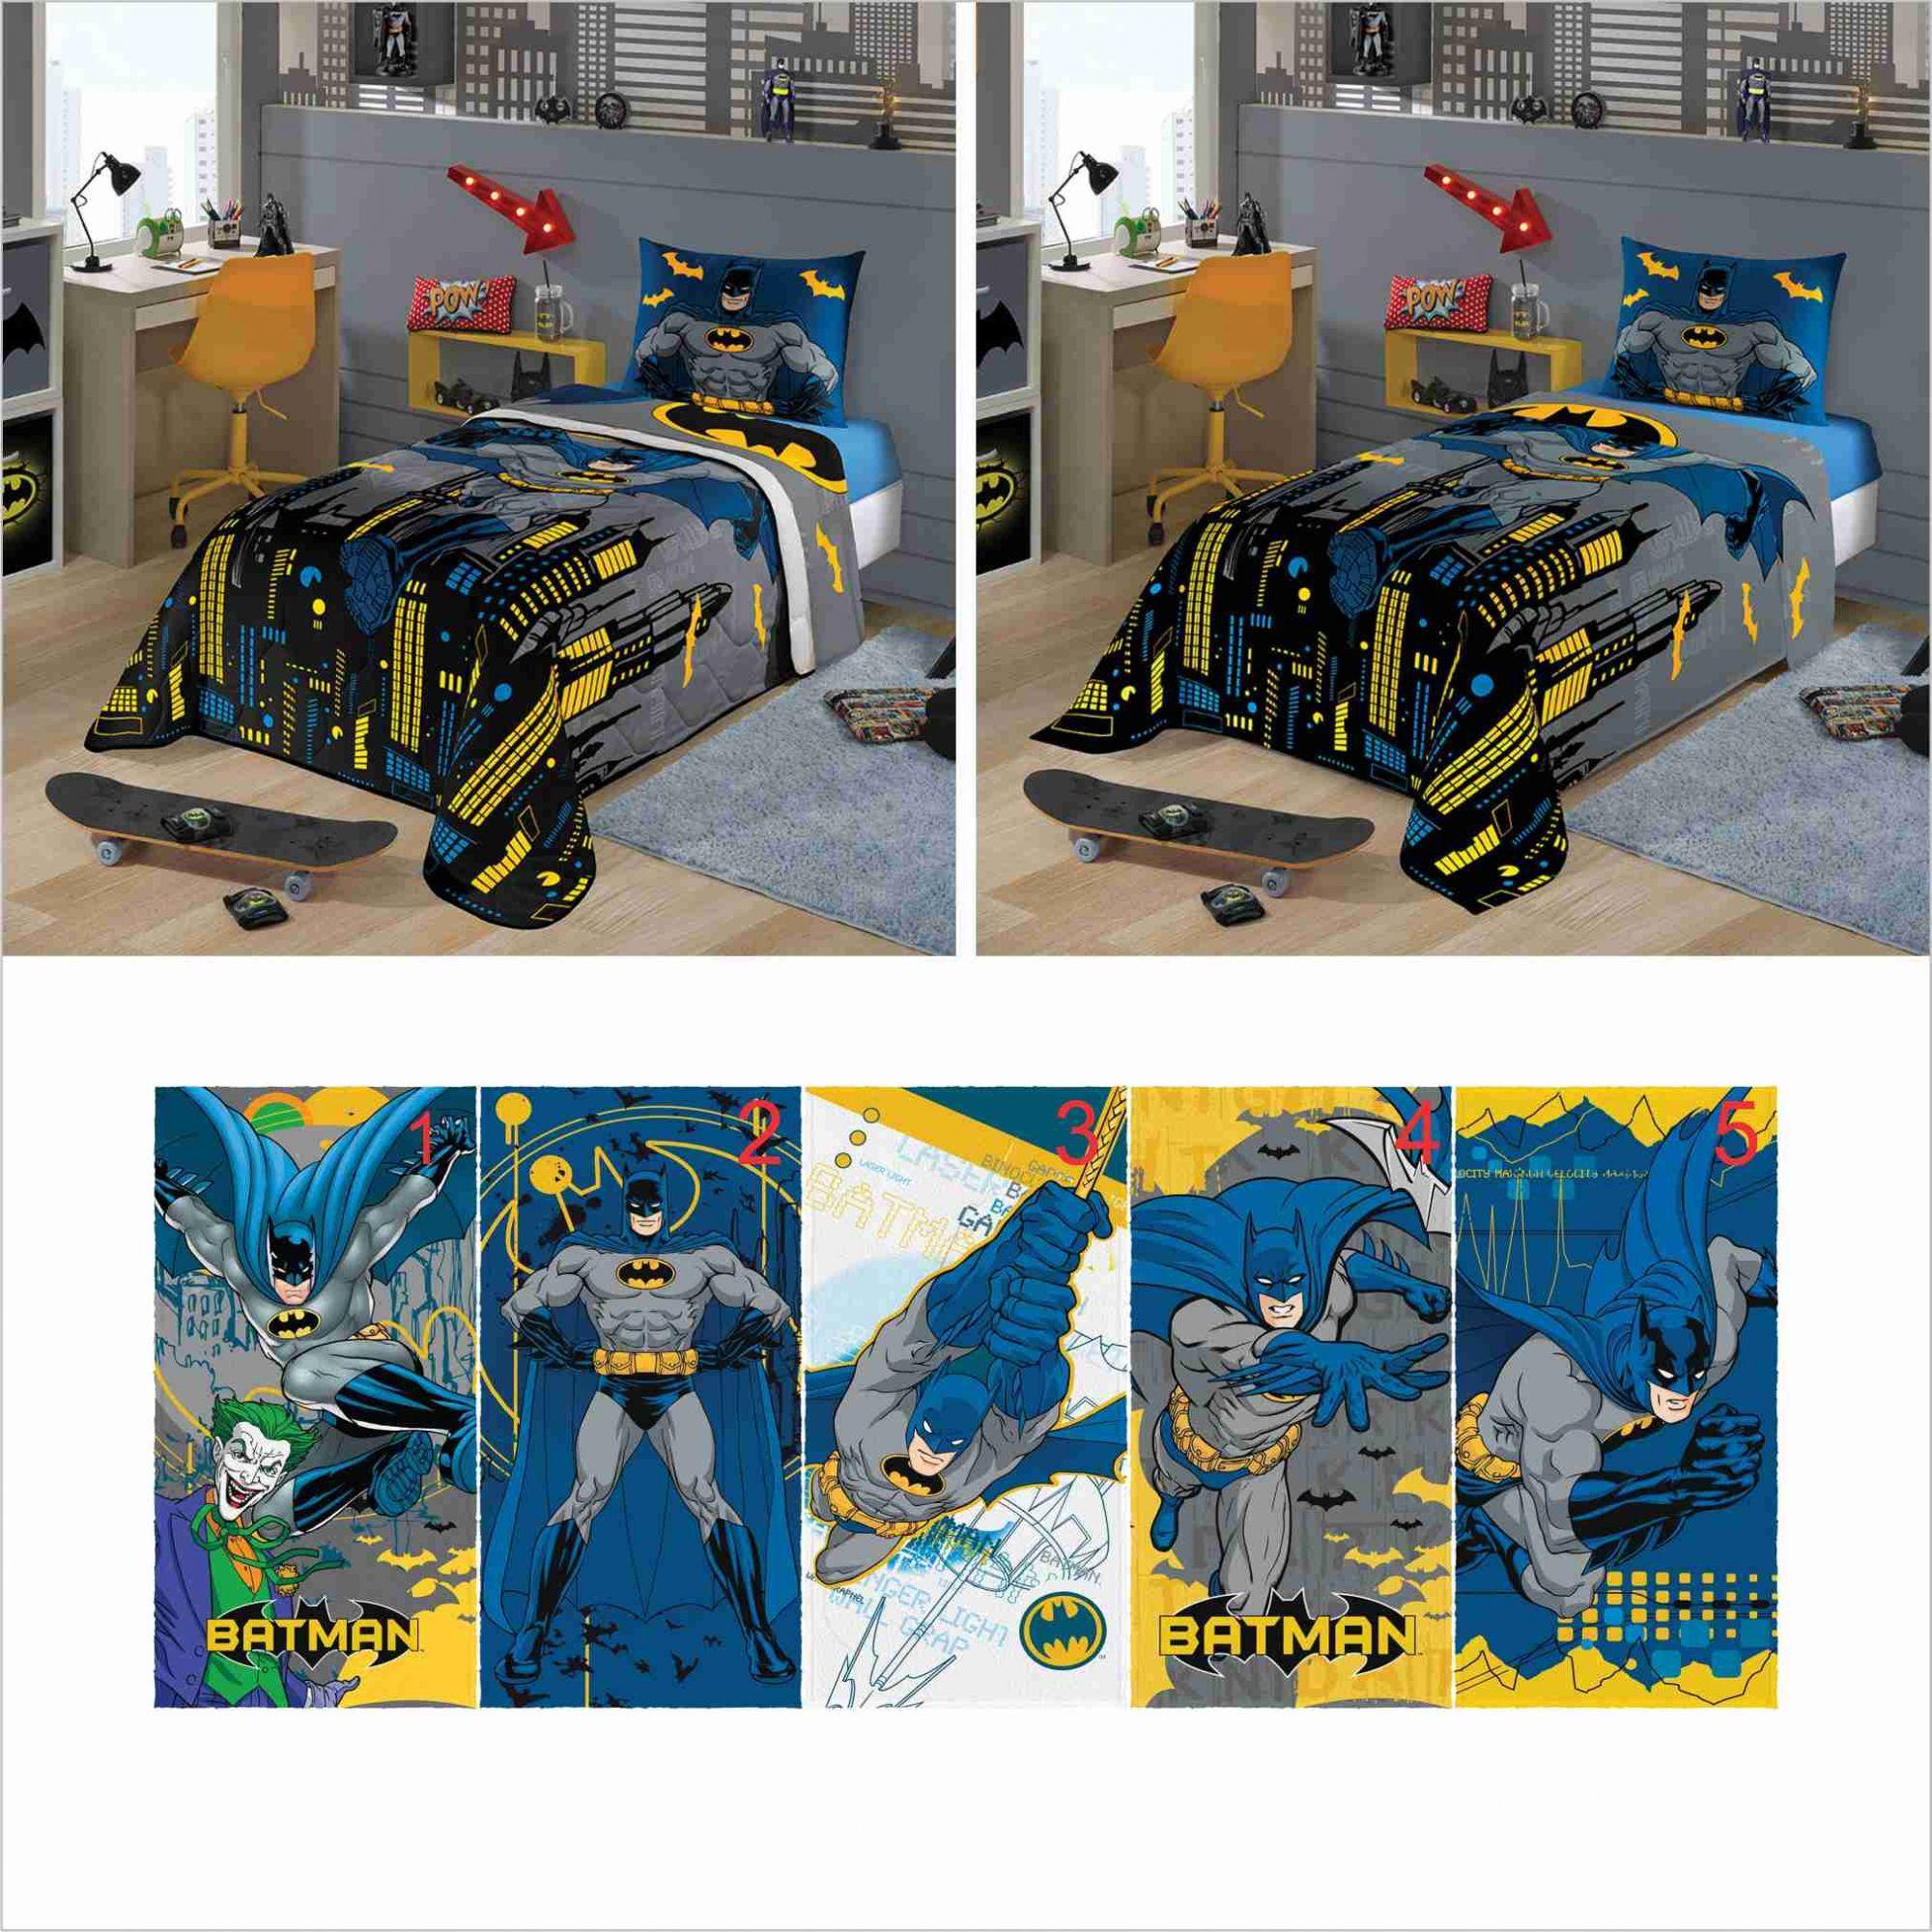 711fb184ea Edredom+ Jogo Cama Lençol 2pçs+ Toalha Batman Lepper - PEQUENININHOS.COM